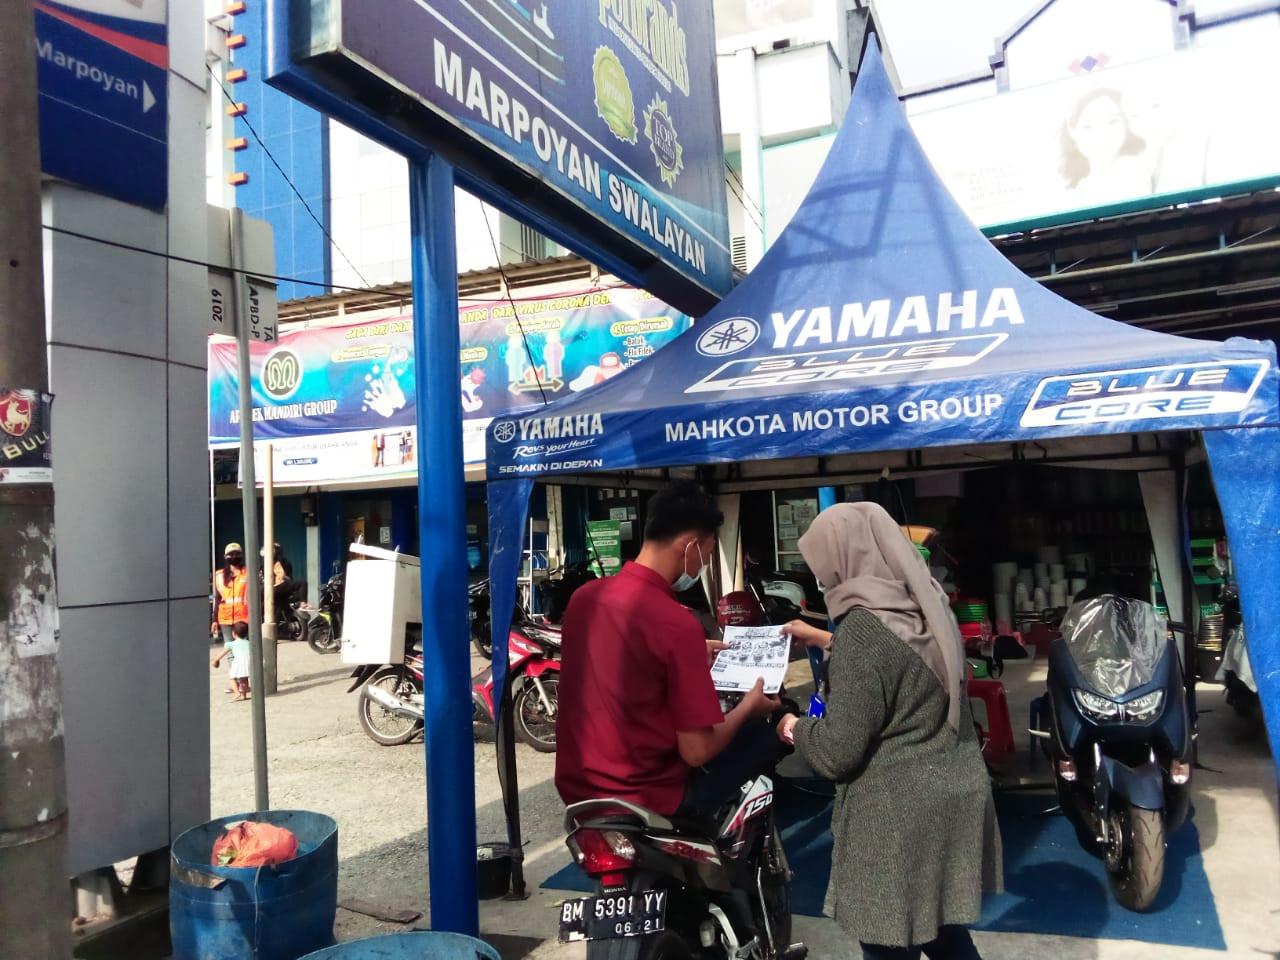 Yamaha Maxi Exhibition Khusus Hadir di Marpoyan Swalayan